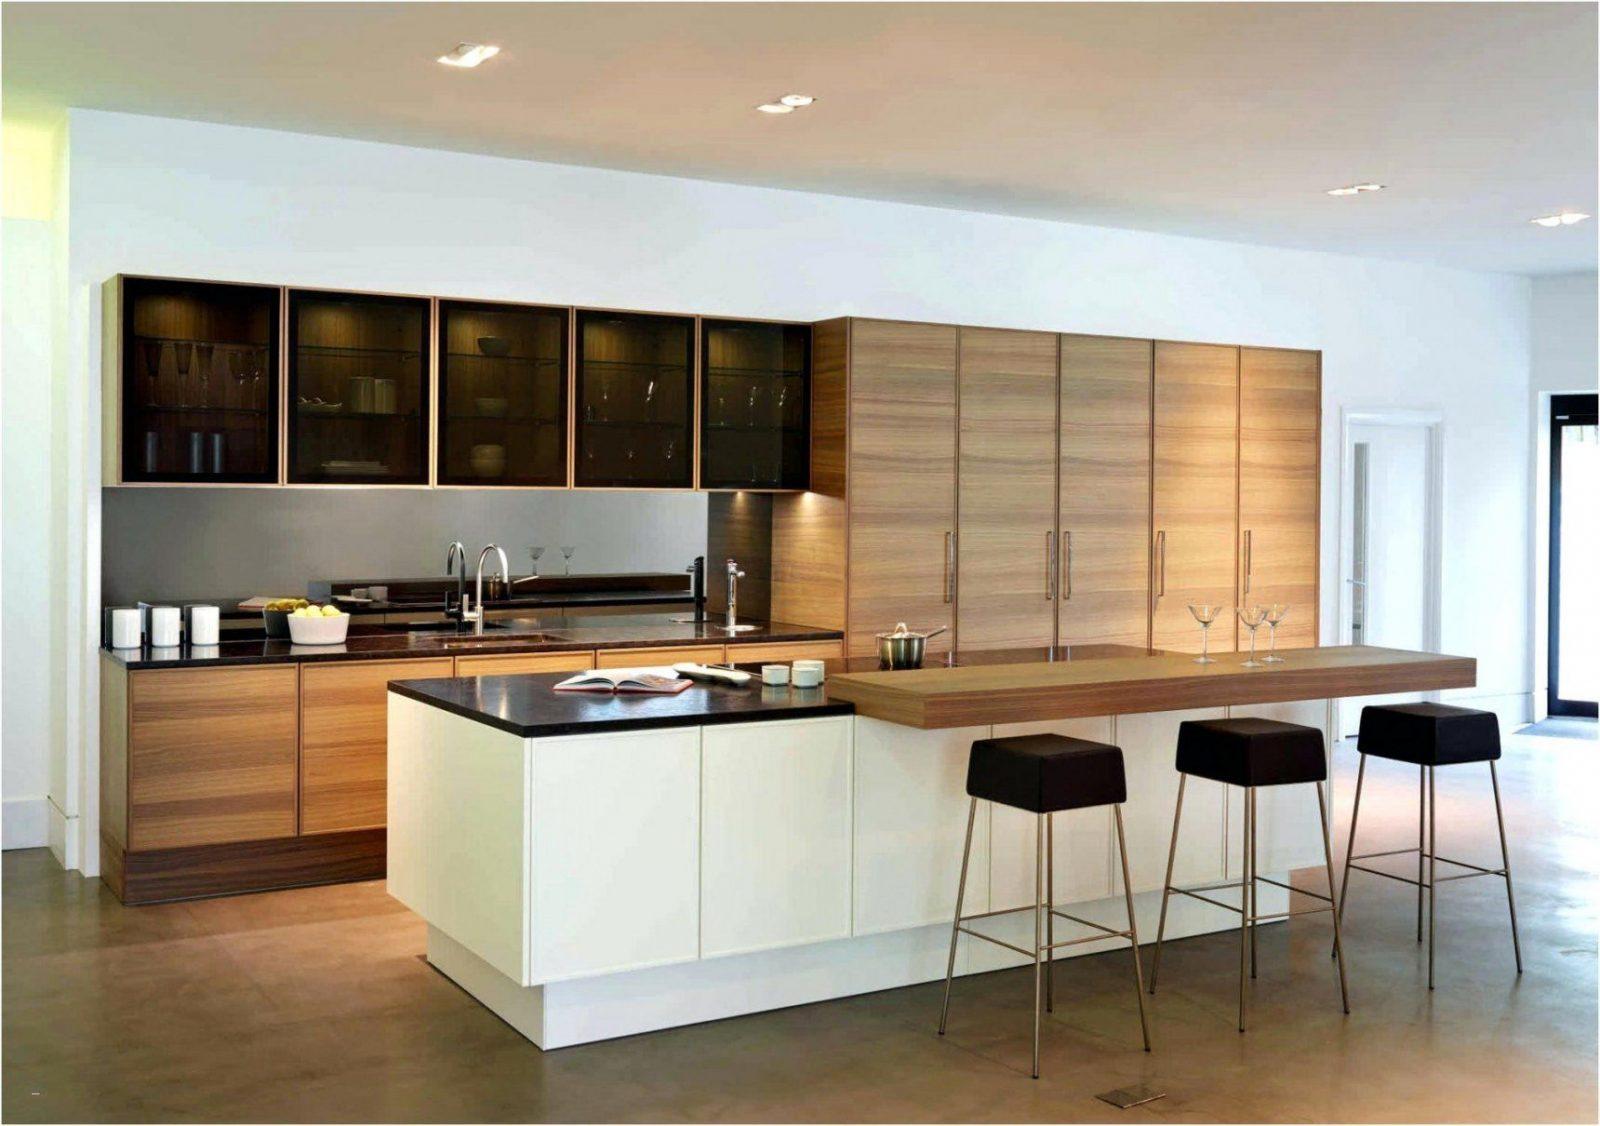 Küche Mit Kochinsel Und Sitzgelegenheit Schön 42 Großartig Moderne von Küche Mit Kochinsel Und Sitzgelegenheit Bild